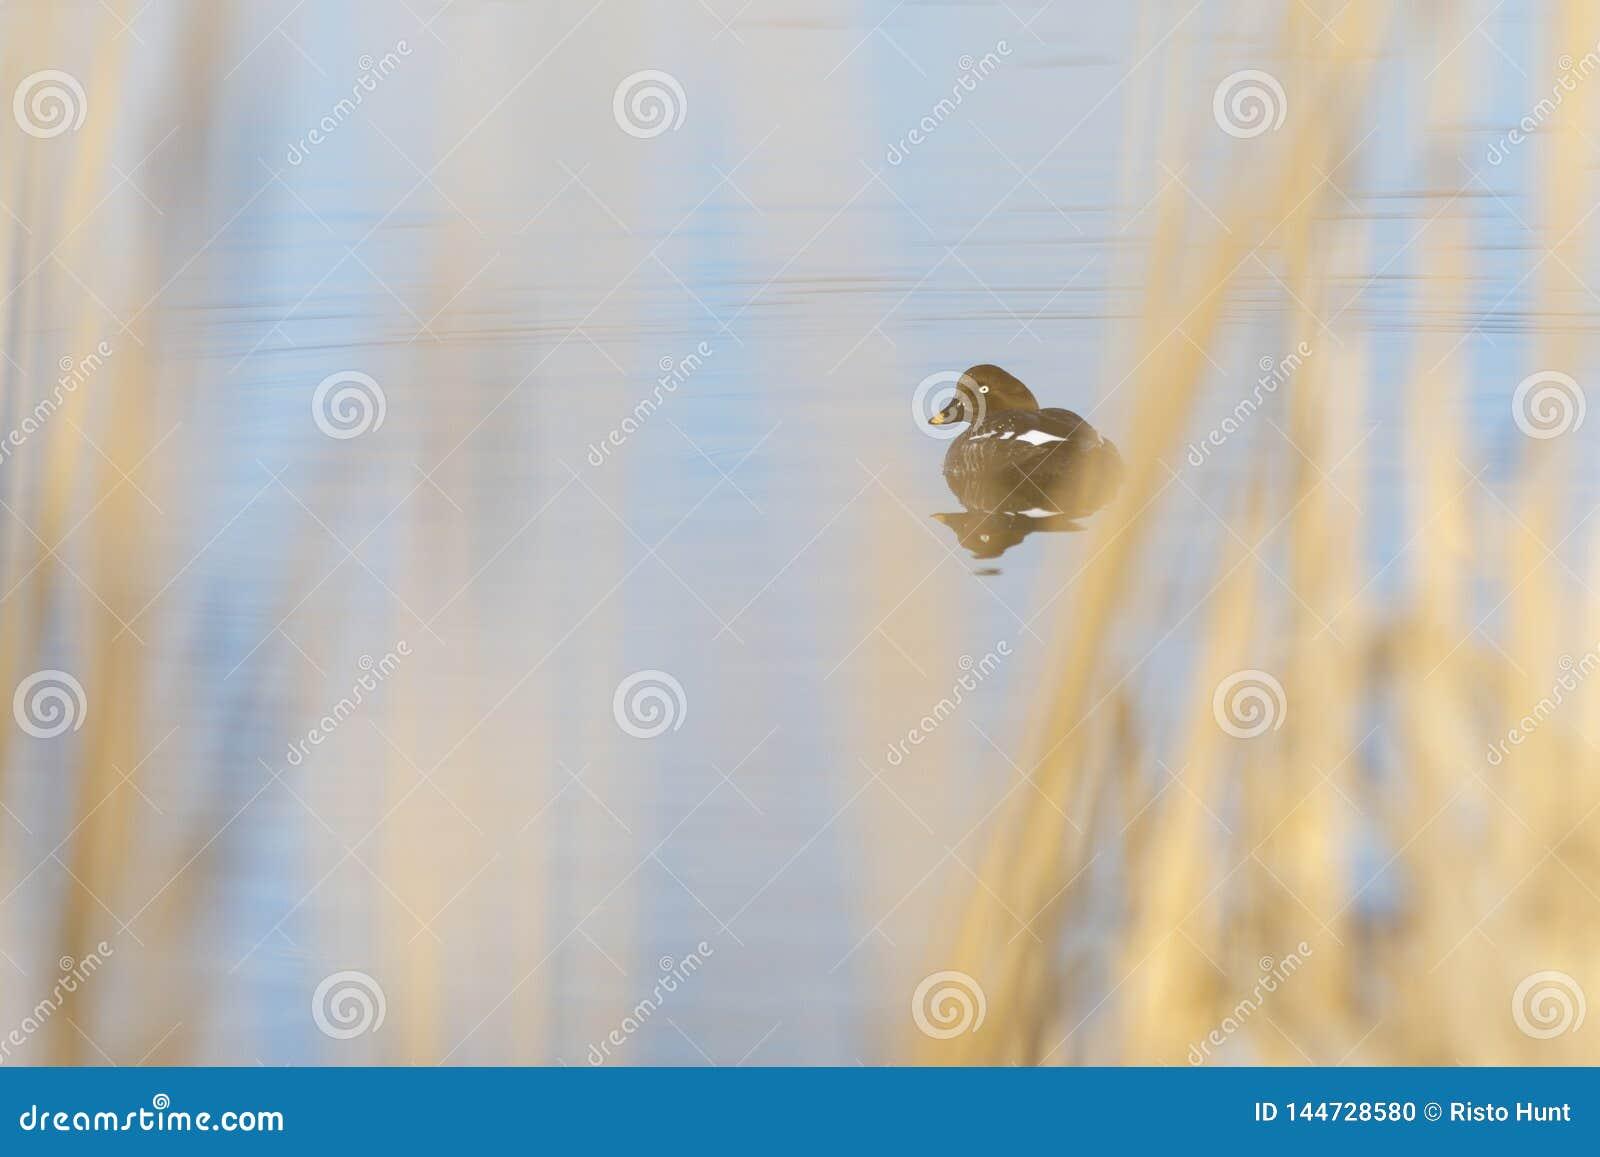 女性手推车的白颊鸭游泳在湖